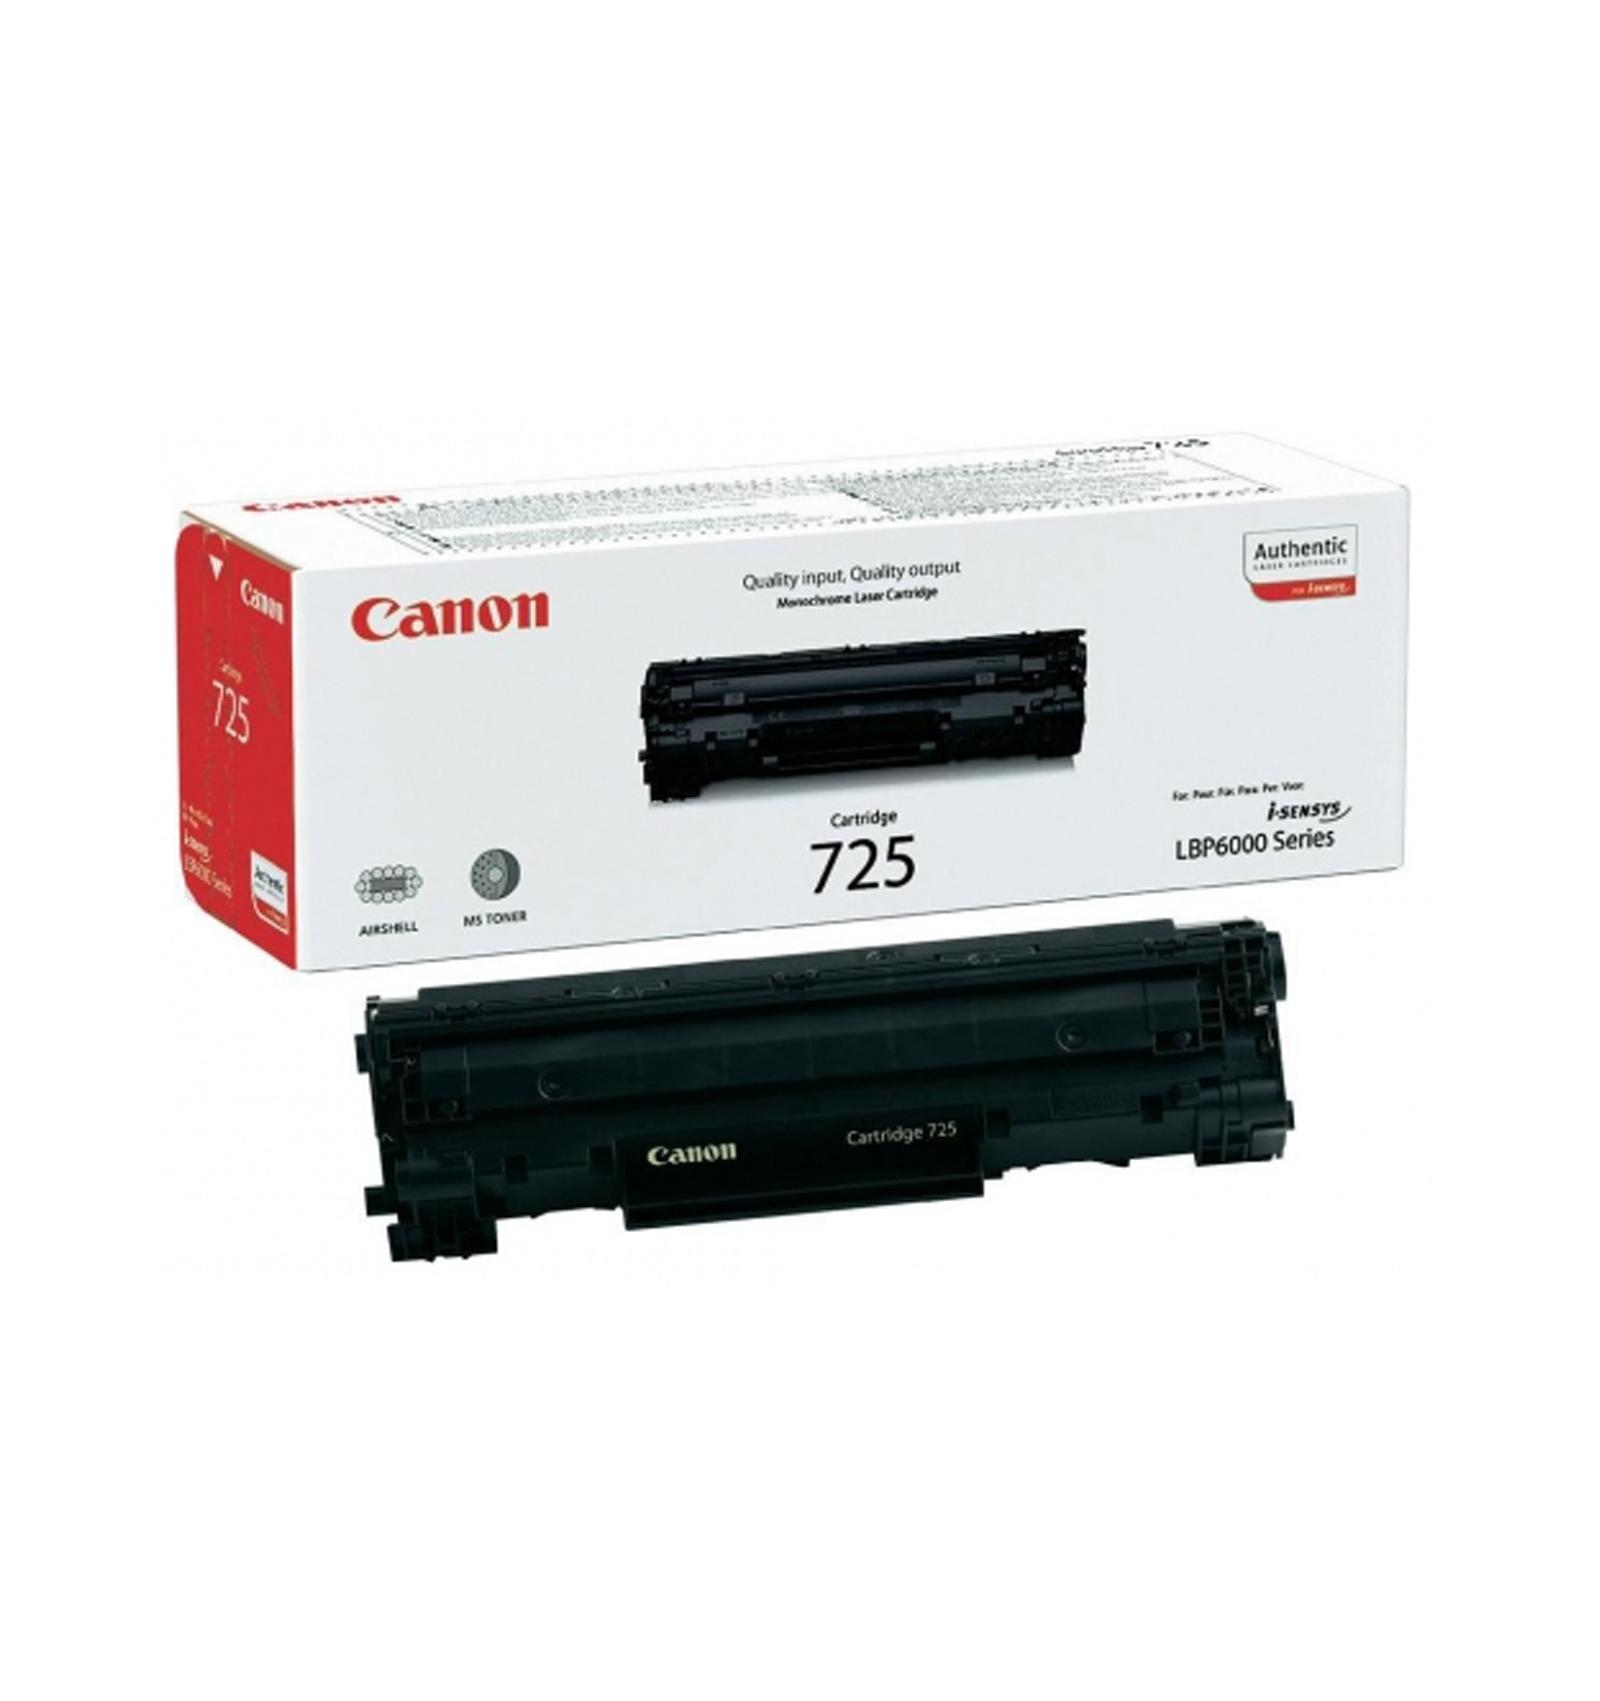 Заправка тонером картриджа Canon 725 для LBP6000/6020/MF3010